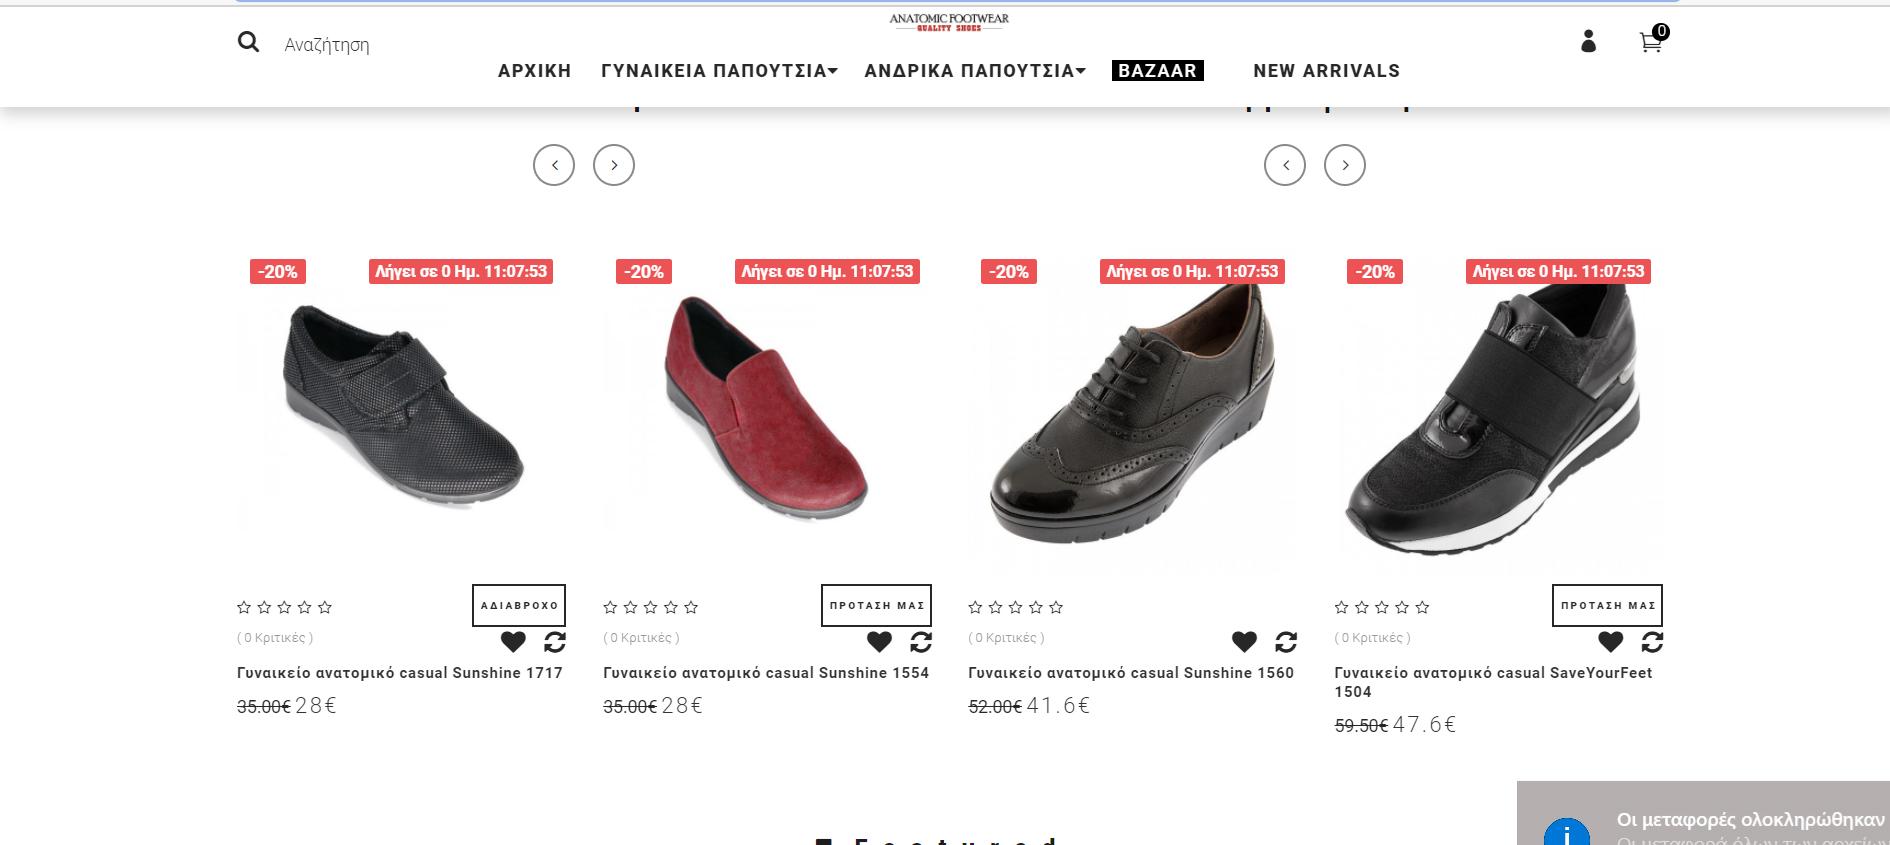 Γυναικεία παπούτσια Anatomic-footwear